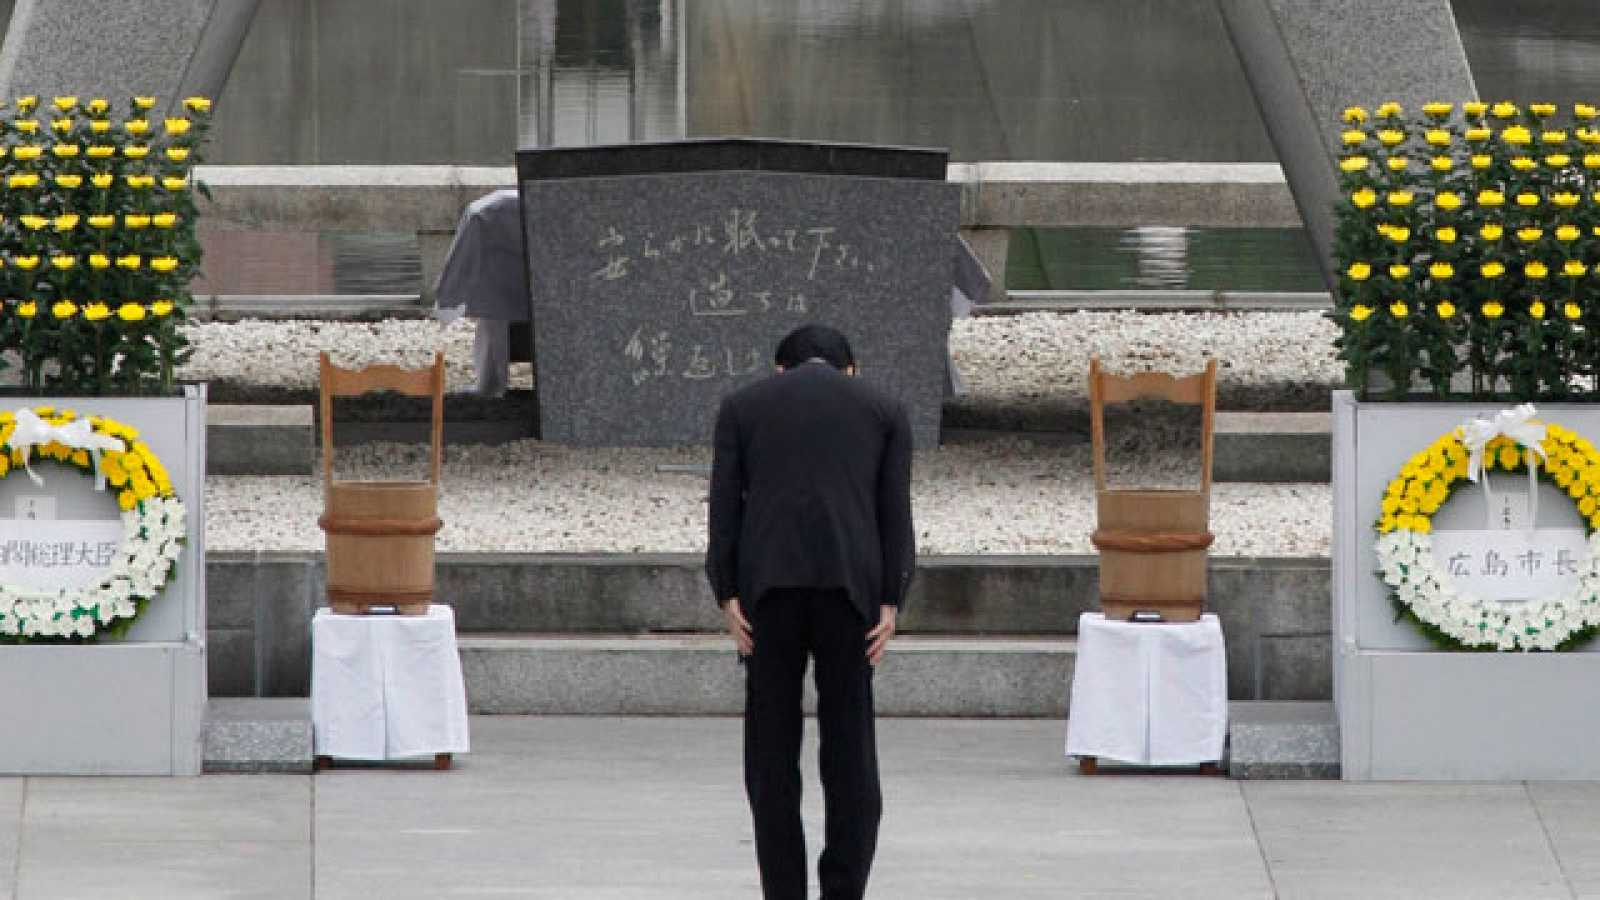 El 66 aniversario del ataque a Hiroshima reaviva el debate nuclear